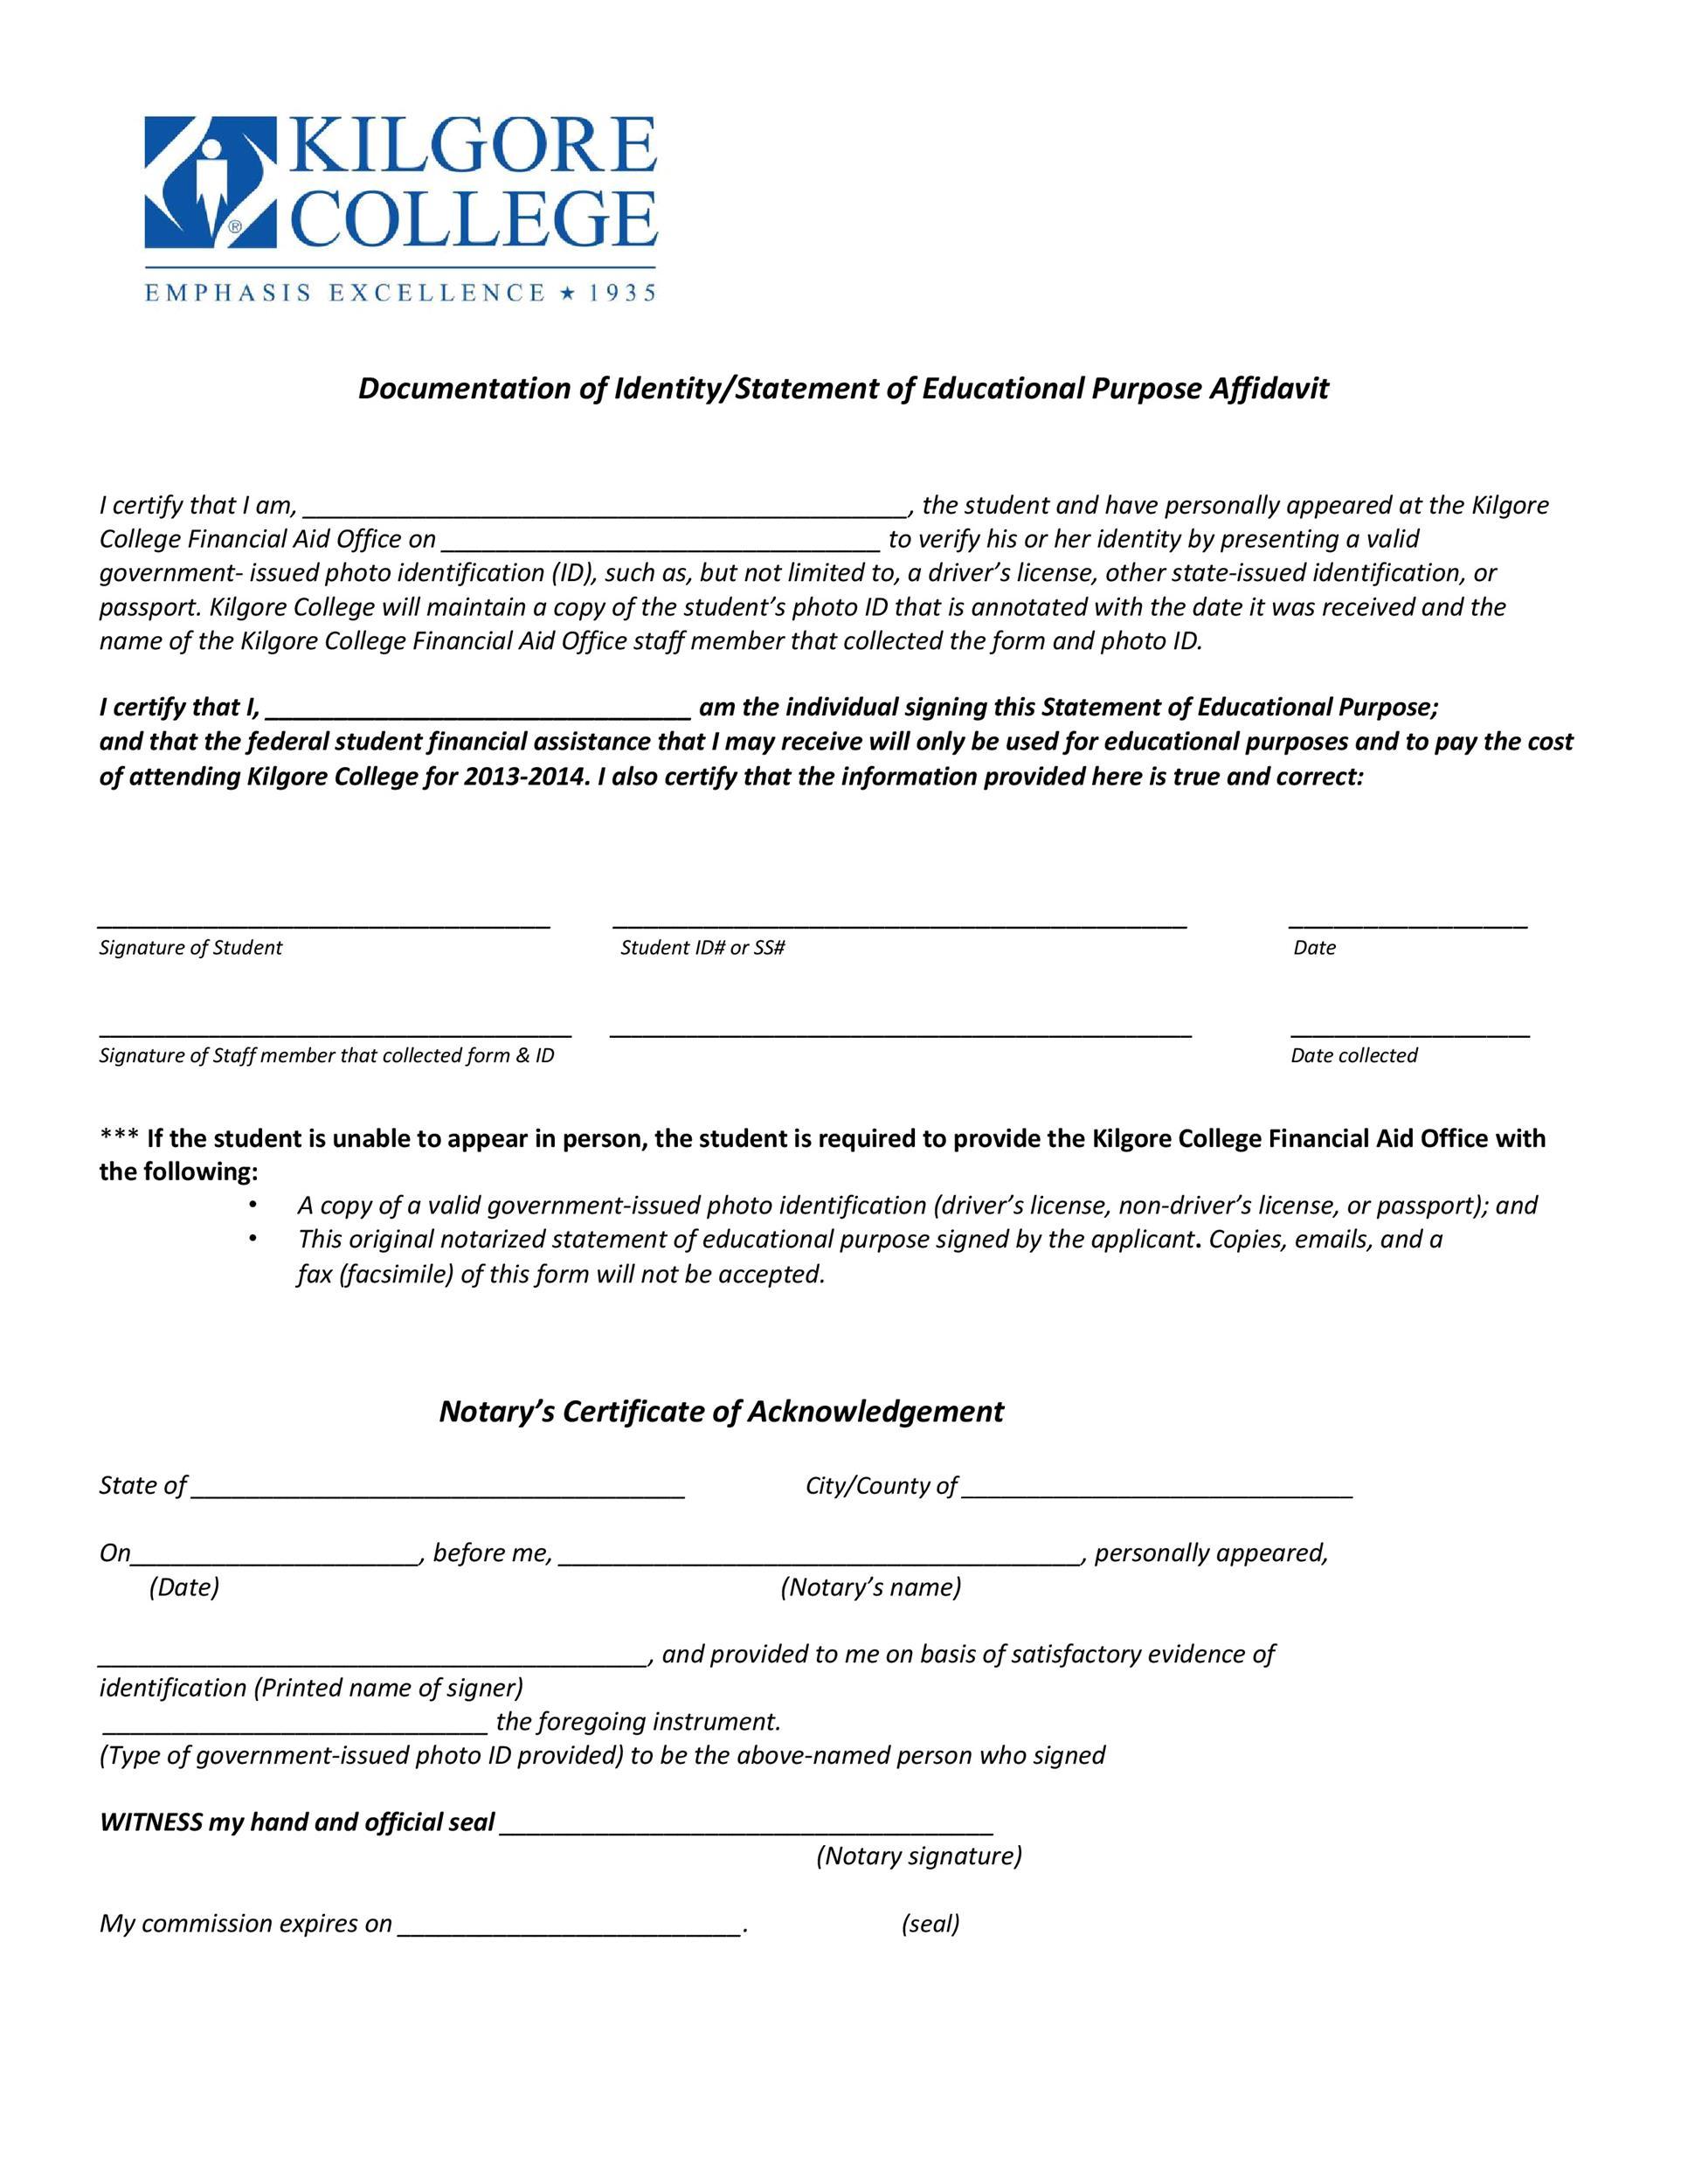 Free affidavit of identity 04